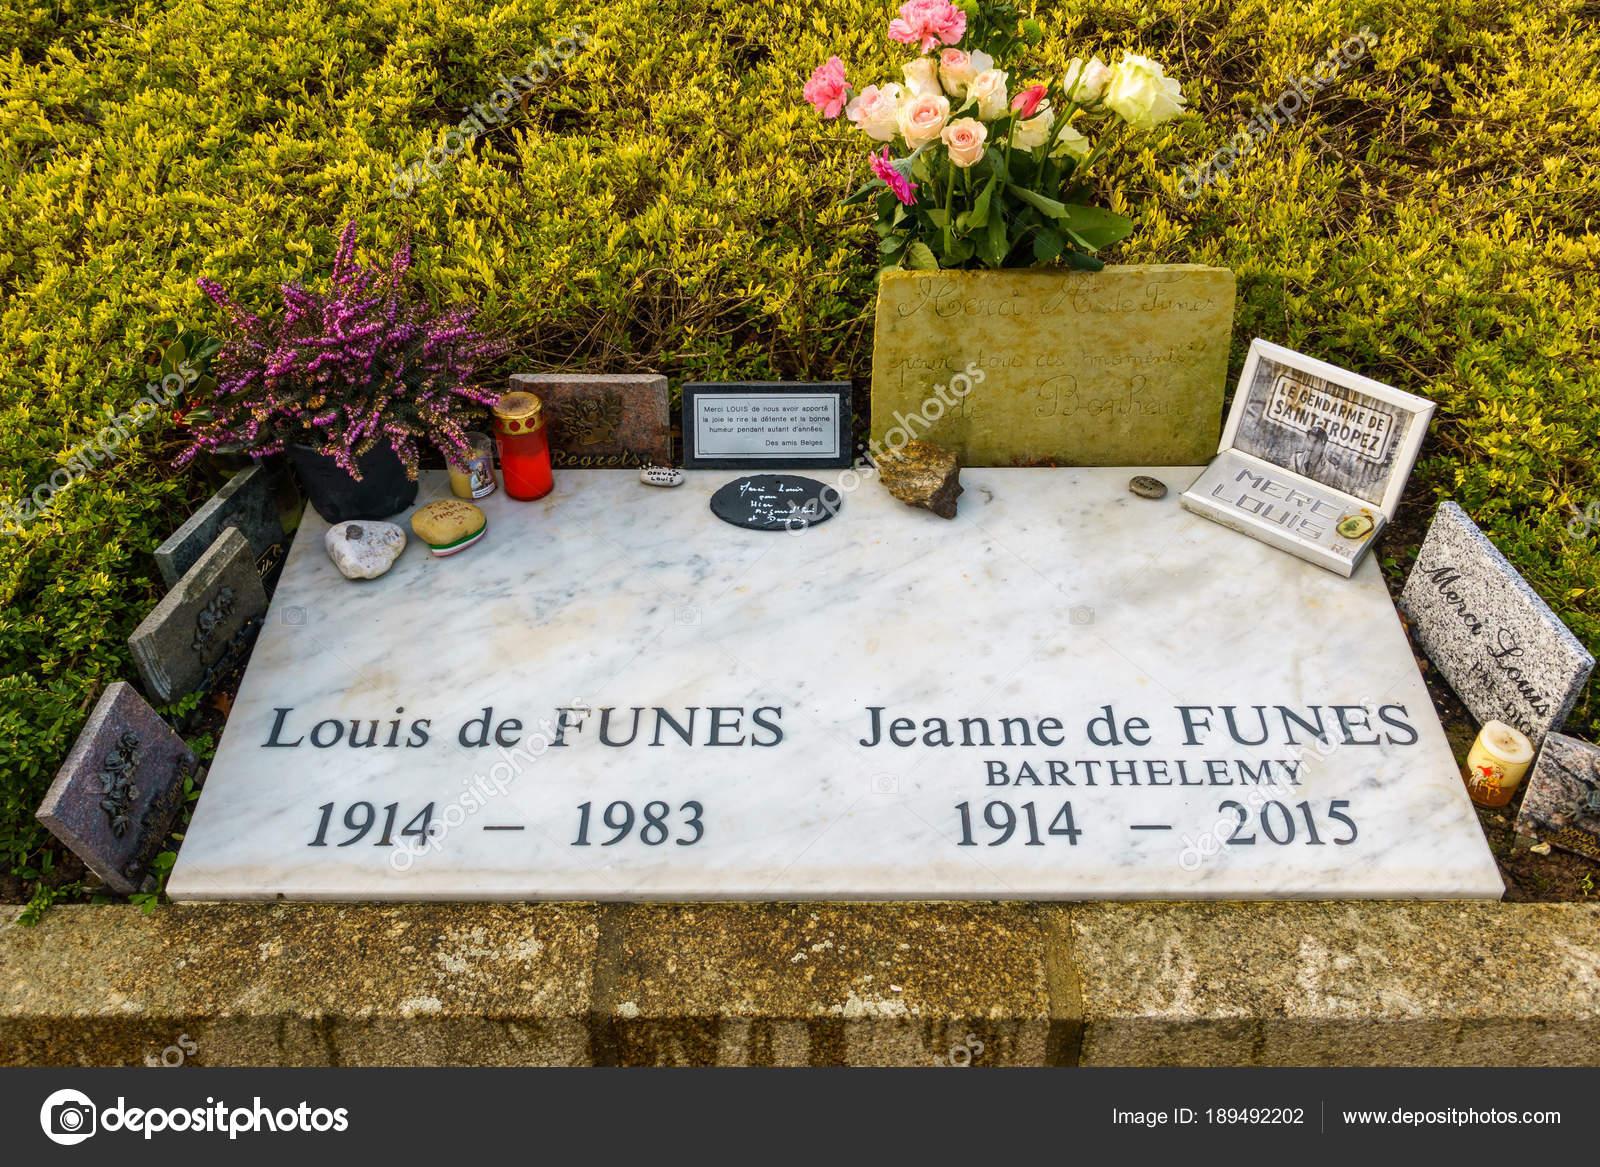 DE FUNES JO LOUIS DVDRIP TÉLÉCHARGER